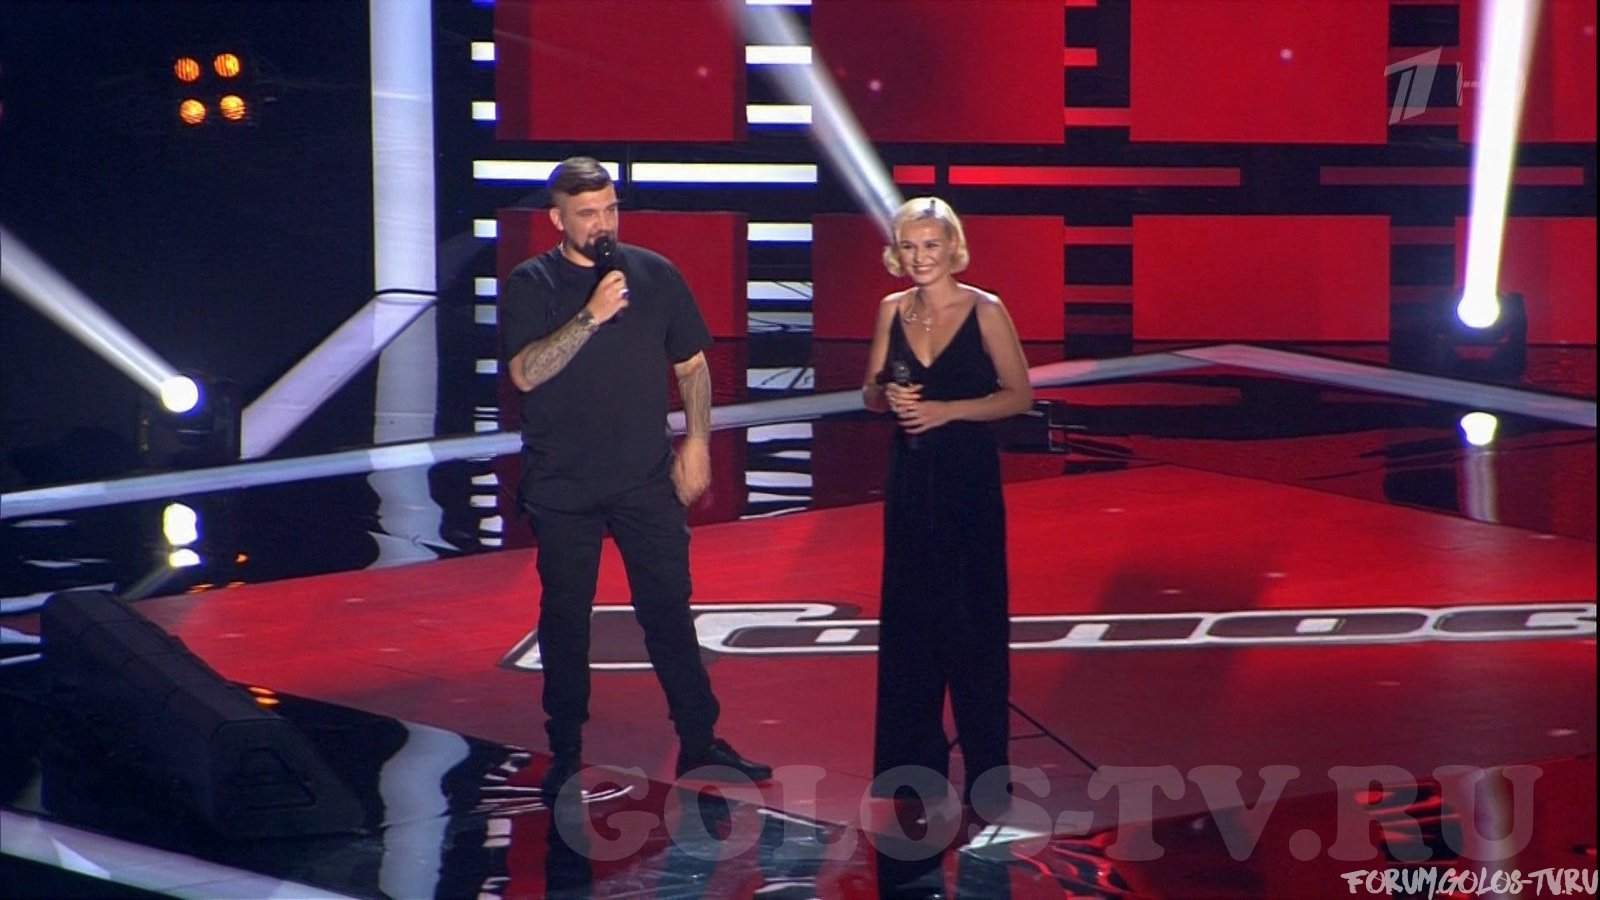 Баста и Полина Гагарина пытались разыграть наставников проекта Голос 6.